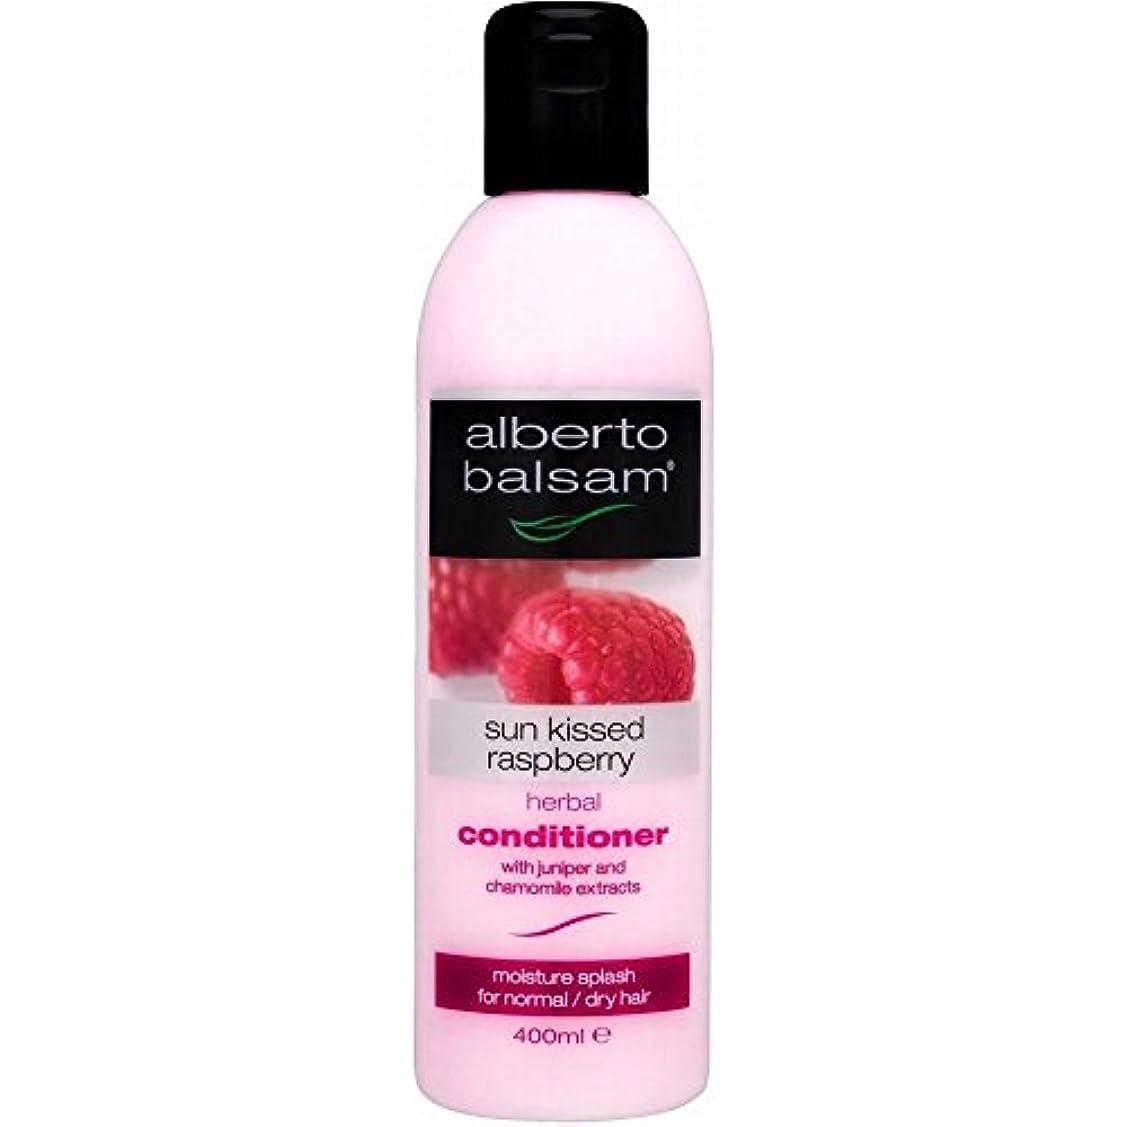 嫌がらせ必需品フックAlberto Balsam Herbal Conditioner - Sun Kissed Raspberry (400ml) アルベルトバルサムハーブコンディショナー - 太陽は( 400ミリリットル)ラズベリーキス...